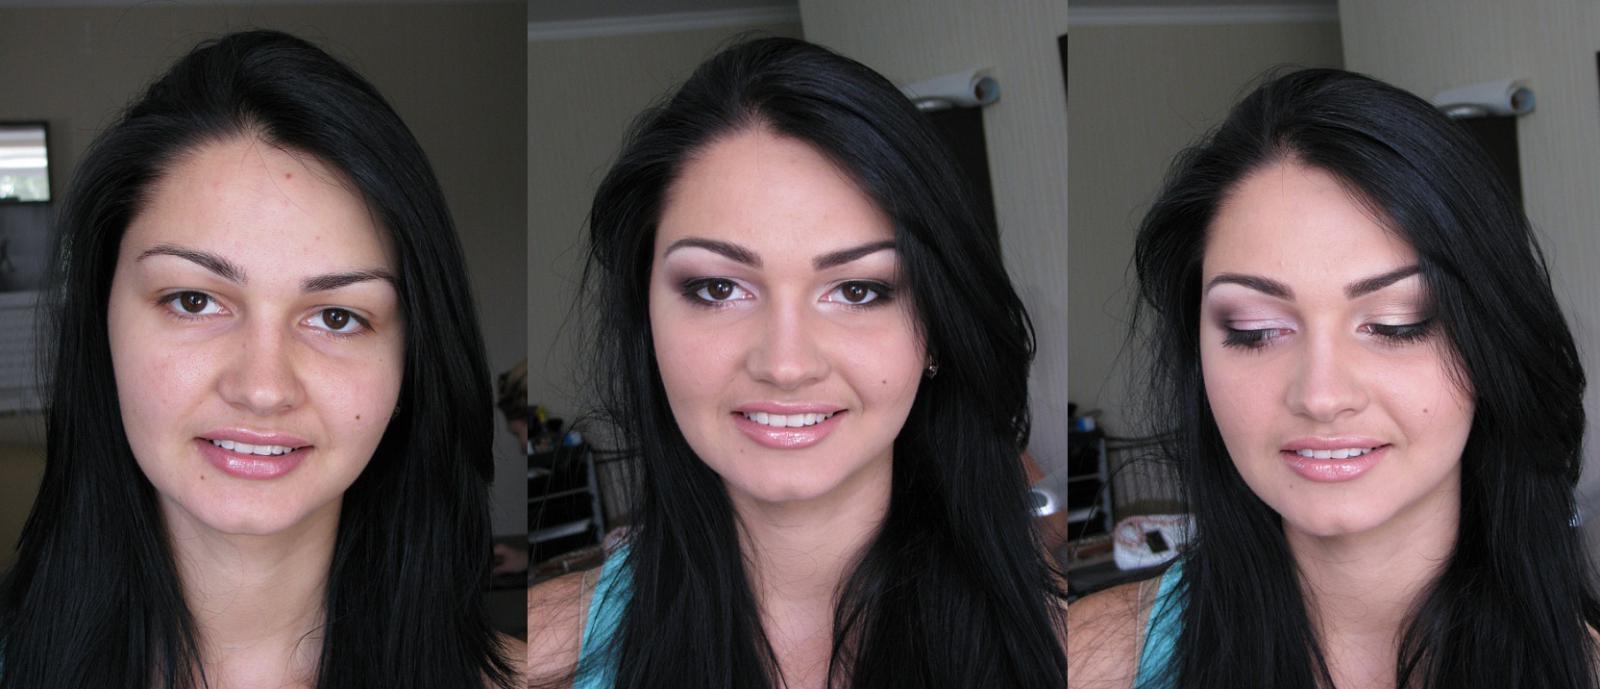 Увеличение глаз макияжем фото до и после